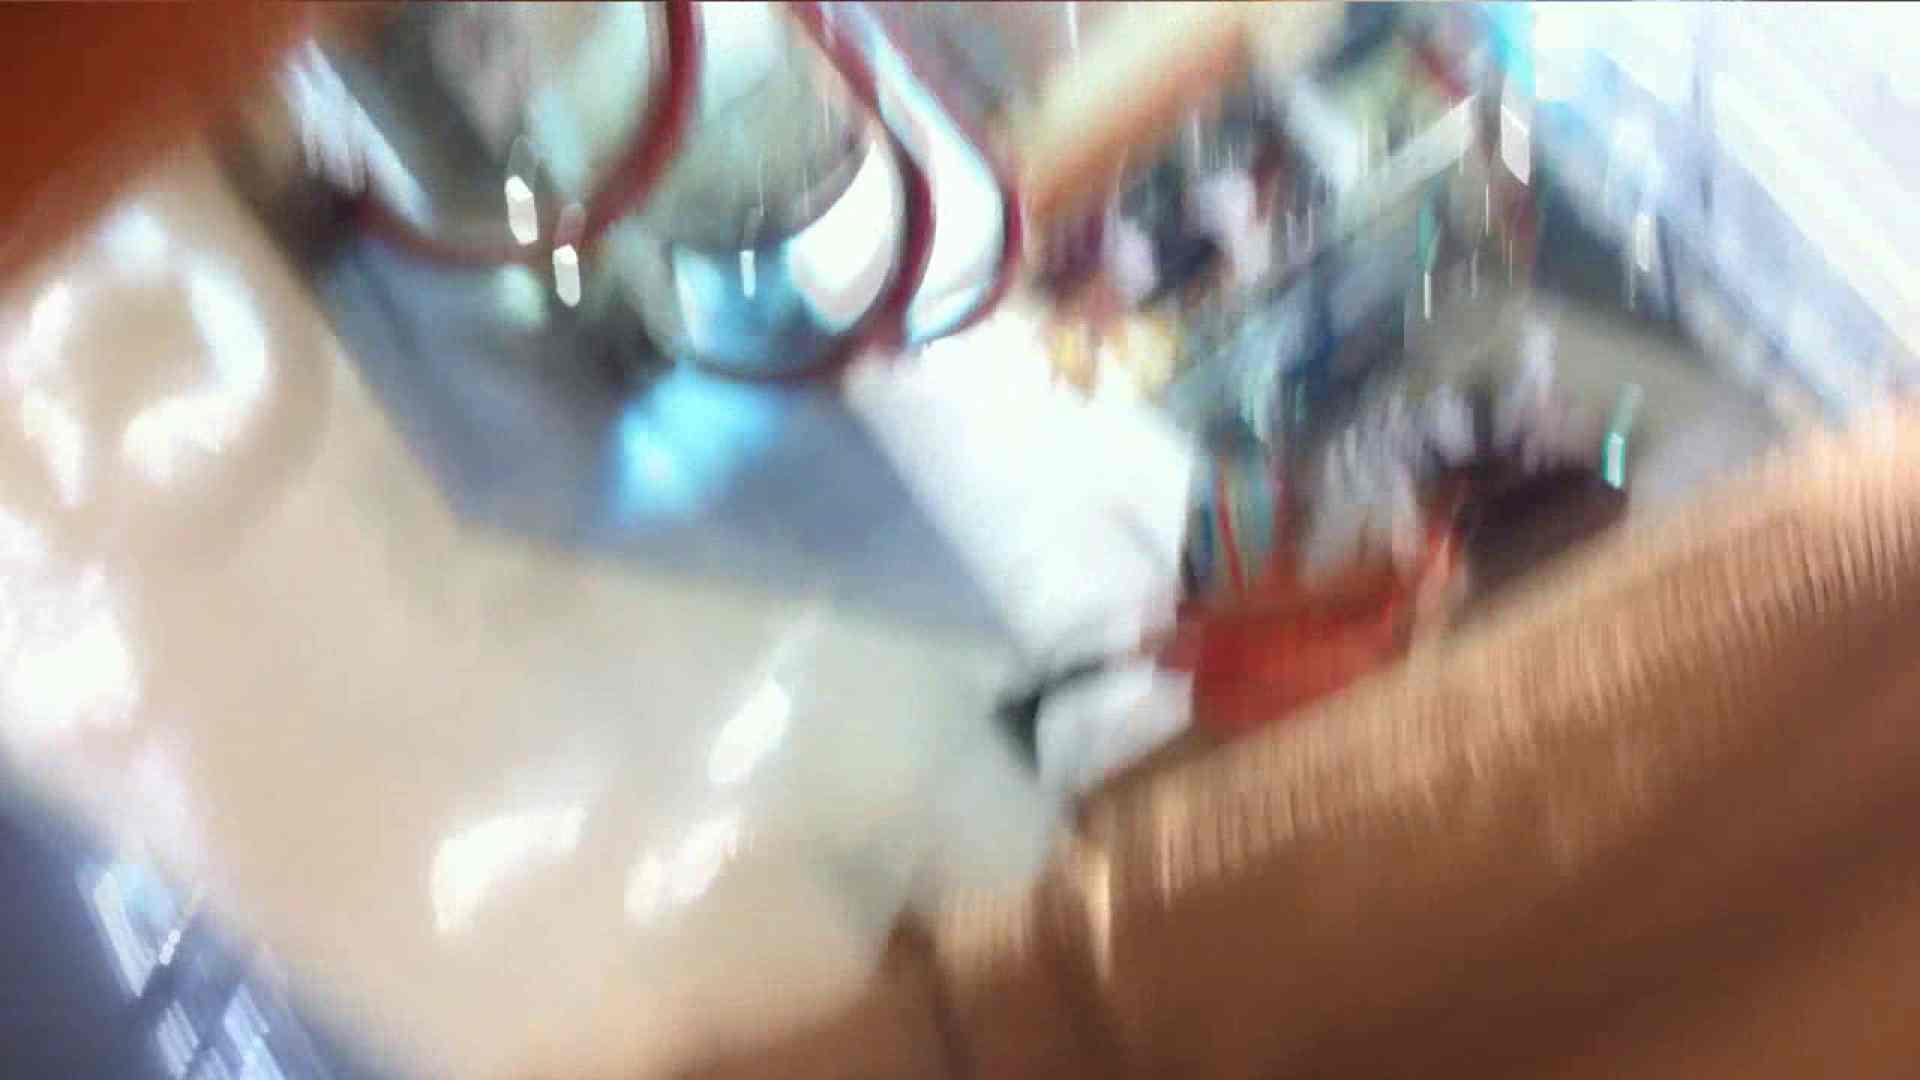 vol.35 美人アパレル胸チラ&パンチラ ひらひらスカートの中身は? 接写 | パンチラハメ撮り  62pic 26